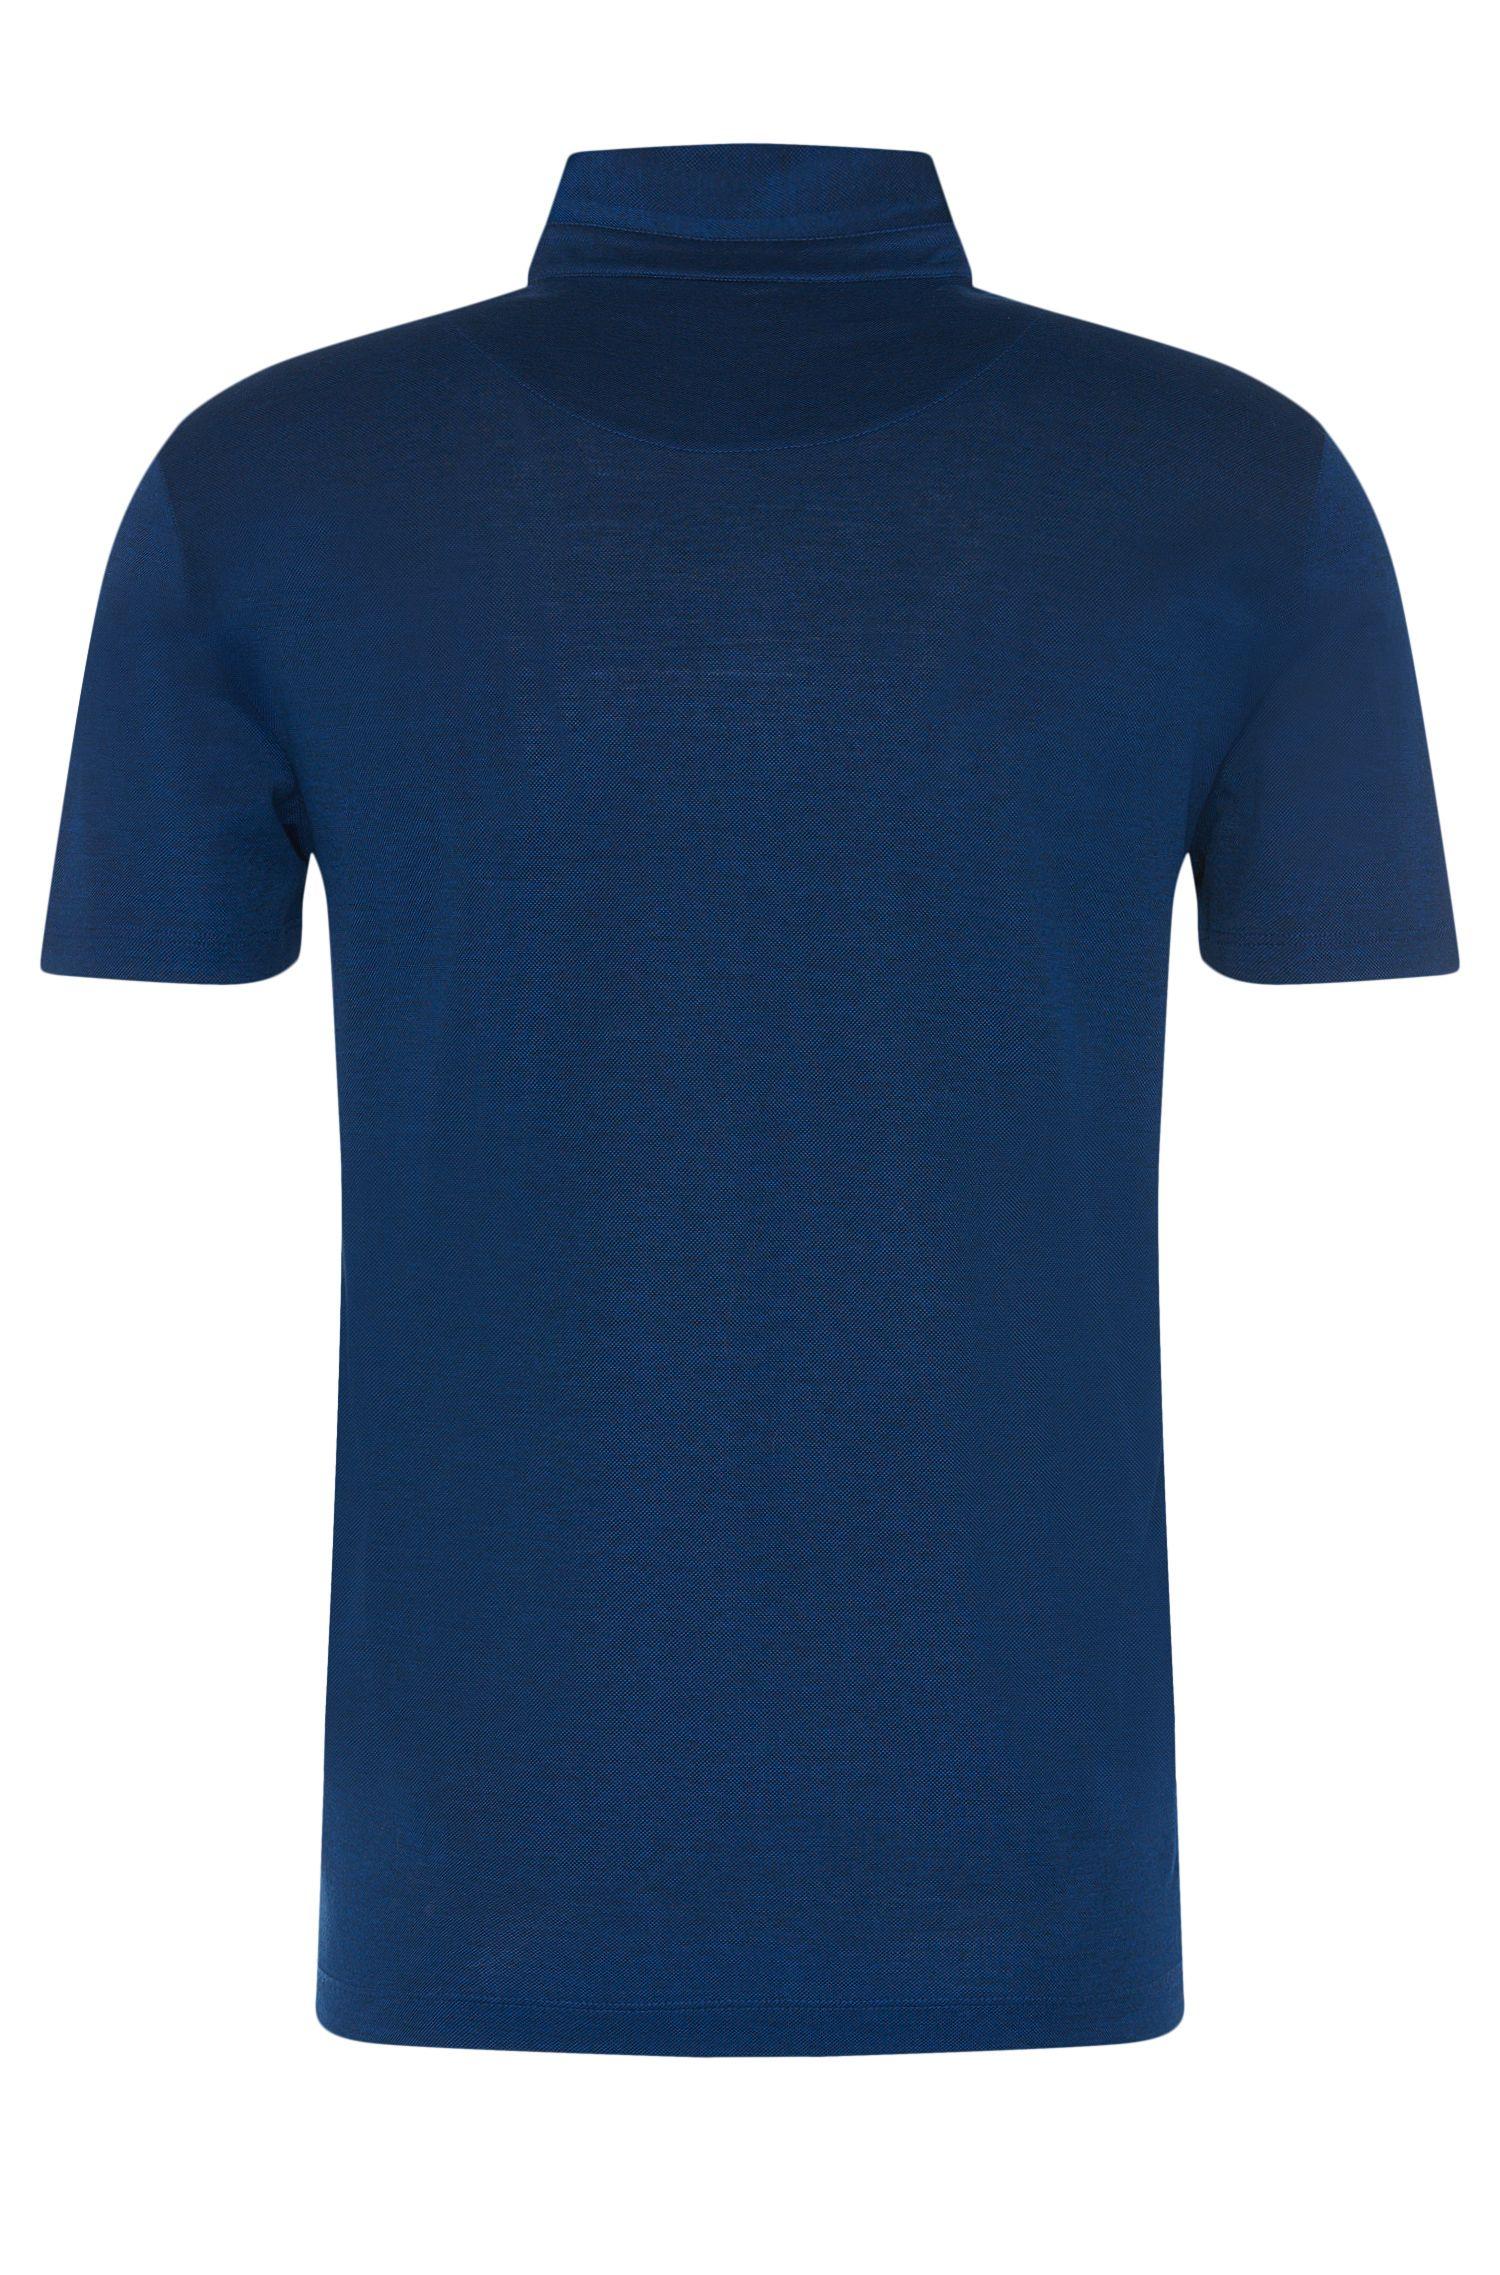 Regular-Fit Poloshirt aus merzerisierter Baumwolle mit grafischem Muster: 'Press 06'